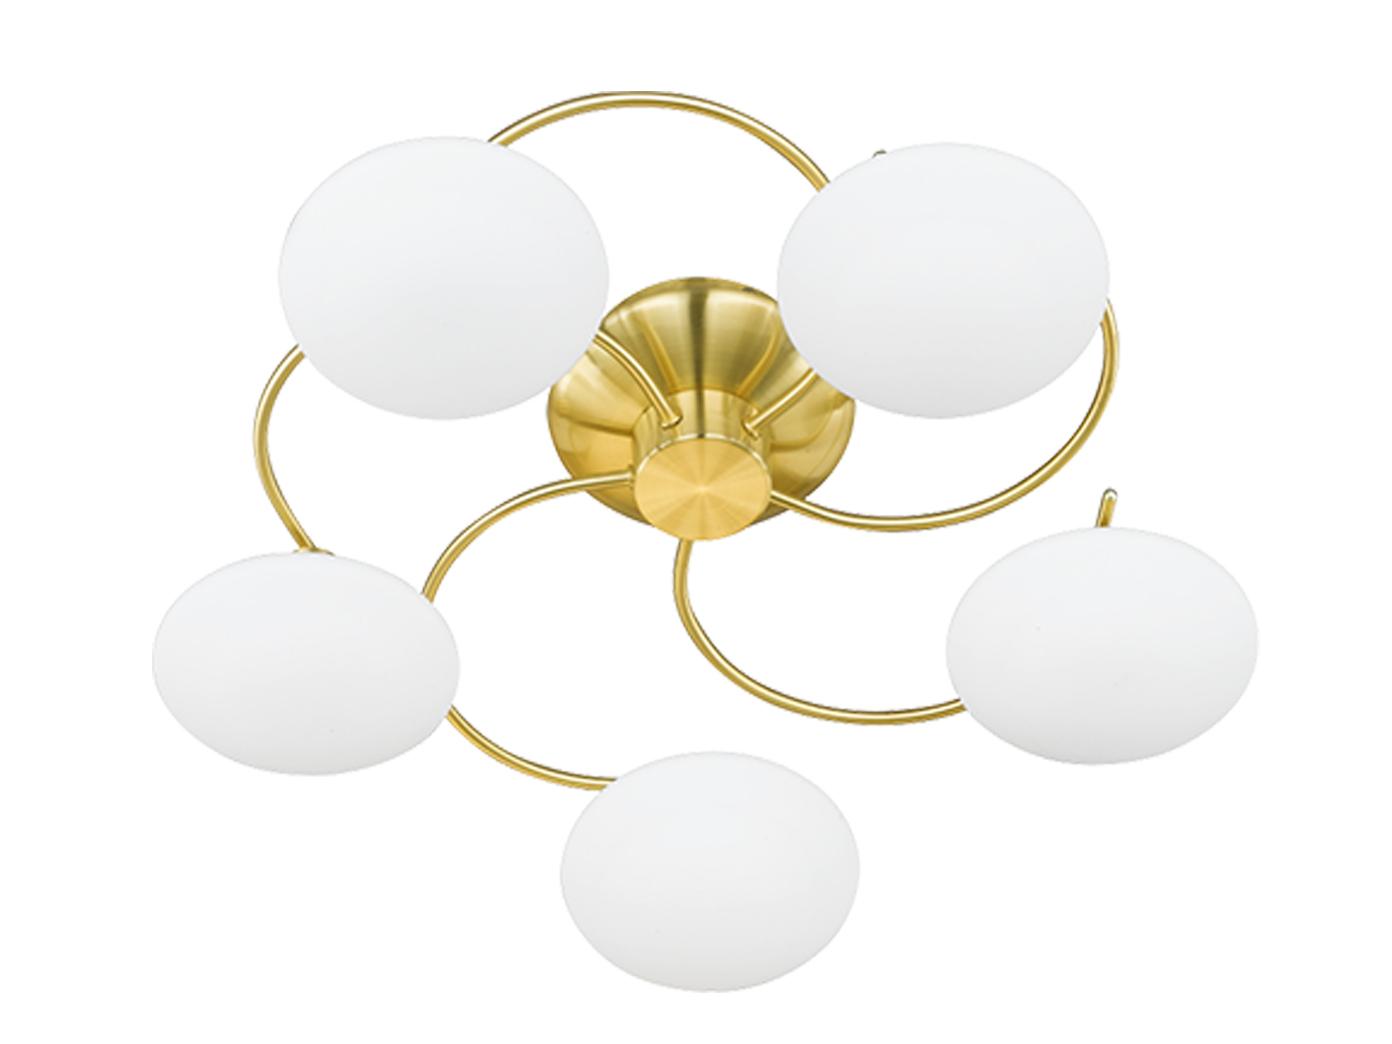 Blickfang Messing Deckenlampe Beste Wahl Das Bild Wird Geladen Deckenleuchte-deckenlampe-messing -glas-weiss-design-spirale-trio-